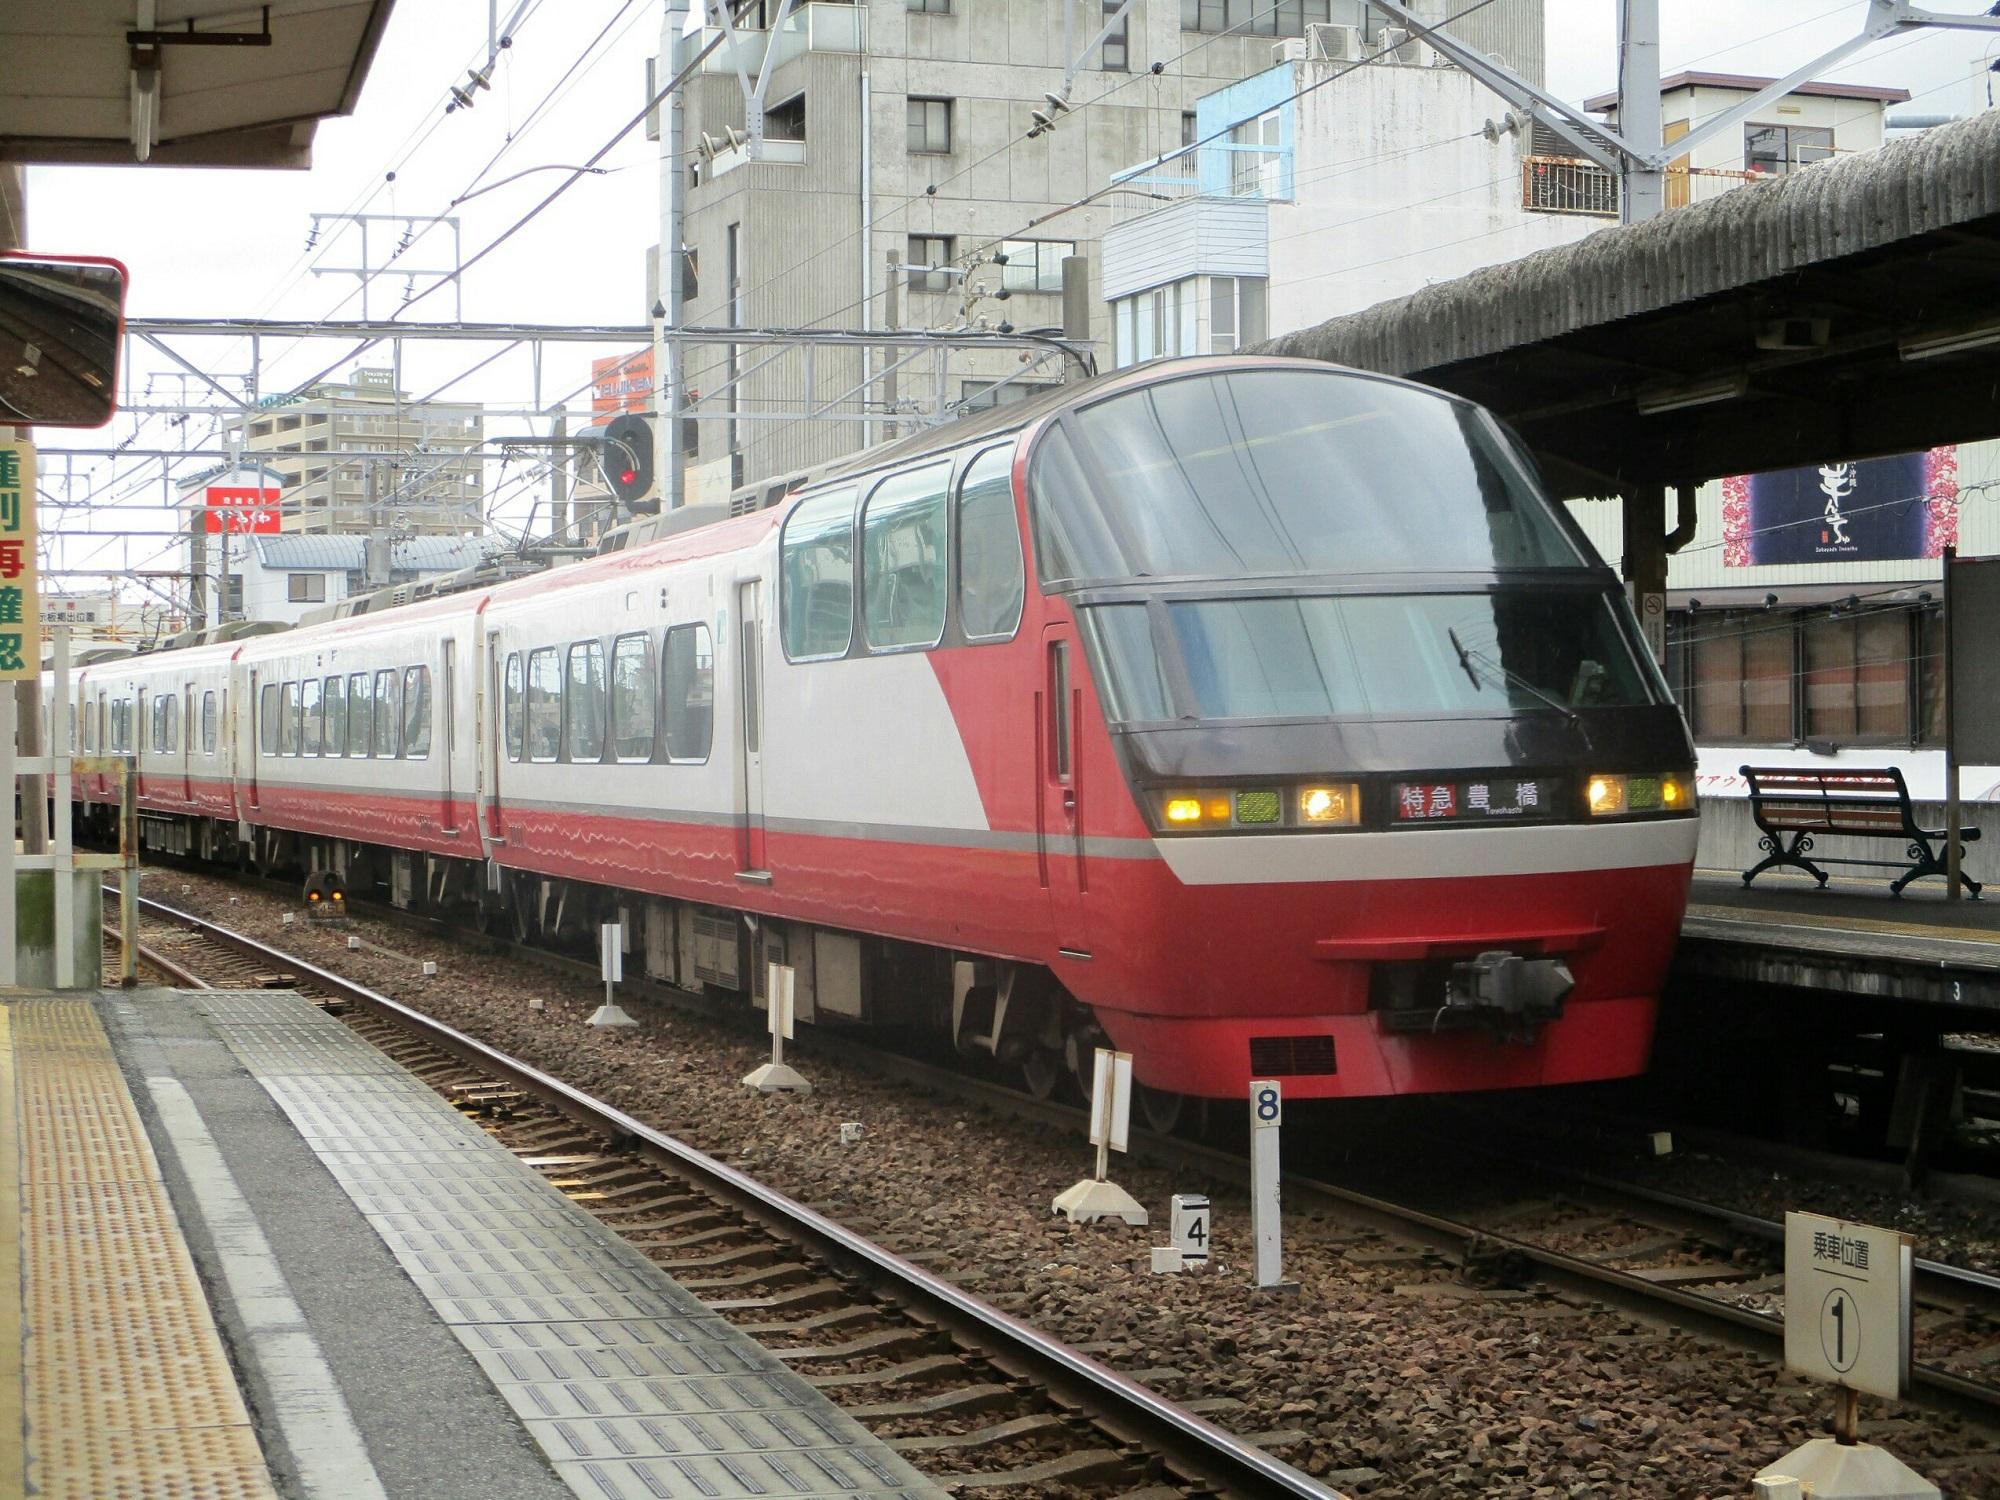 2018.7.29 (12) 東岡崎 - 豊橋いき特急 2000-1500